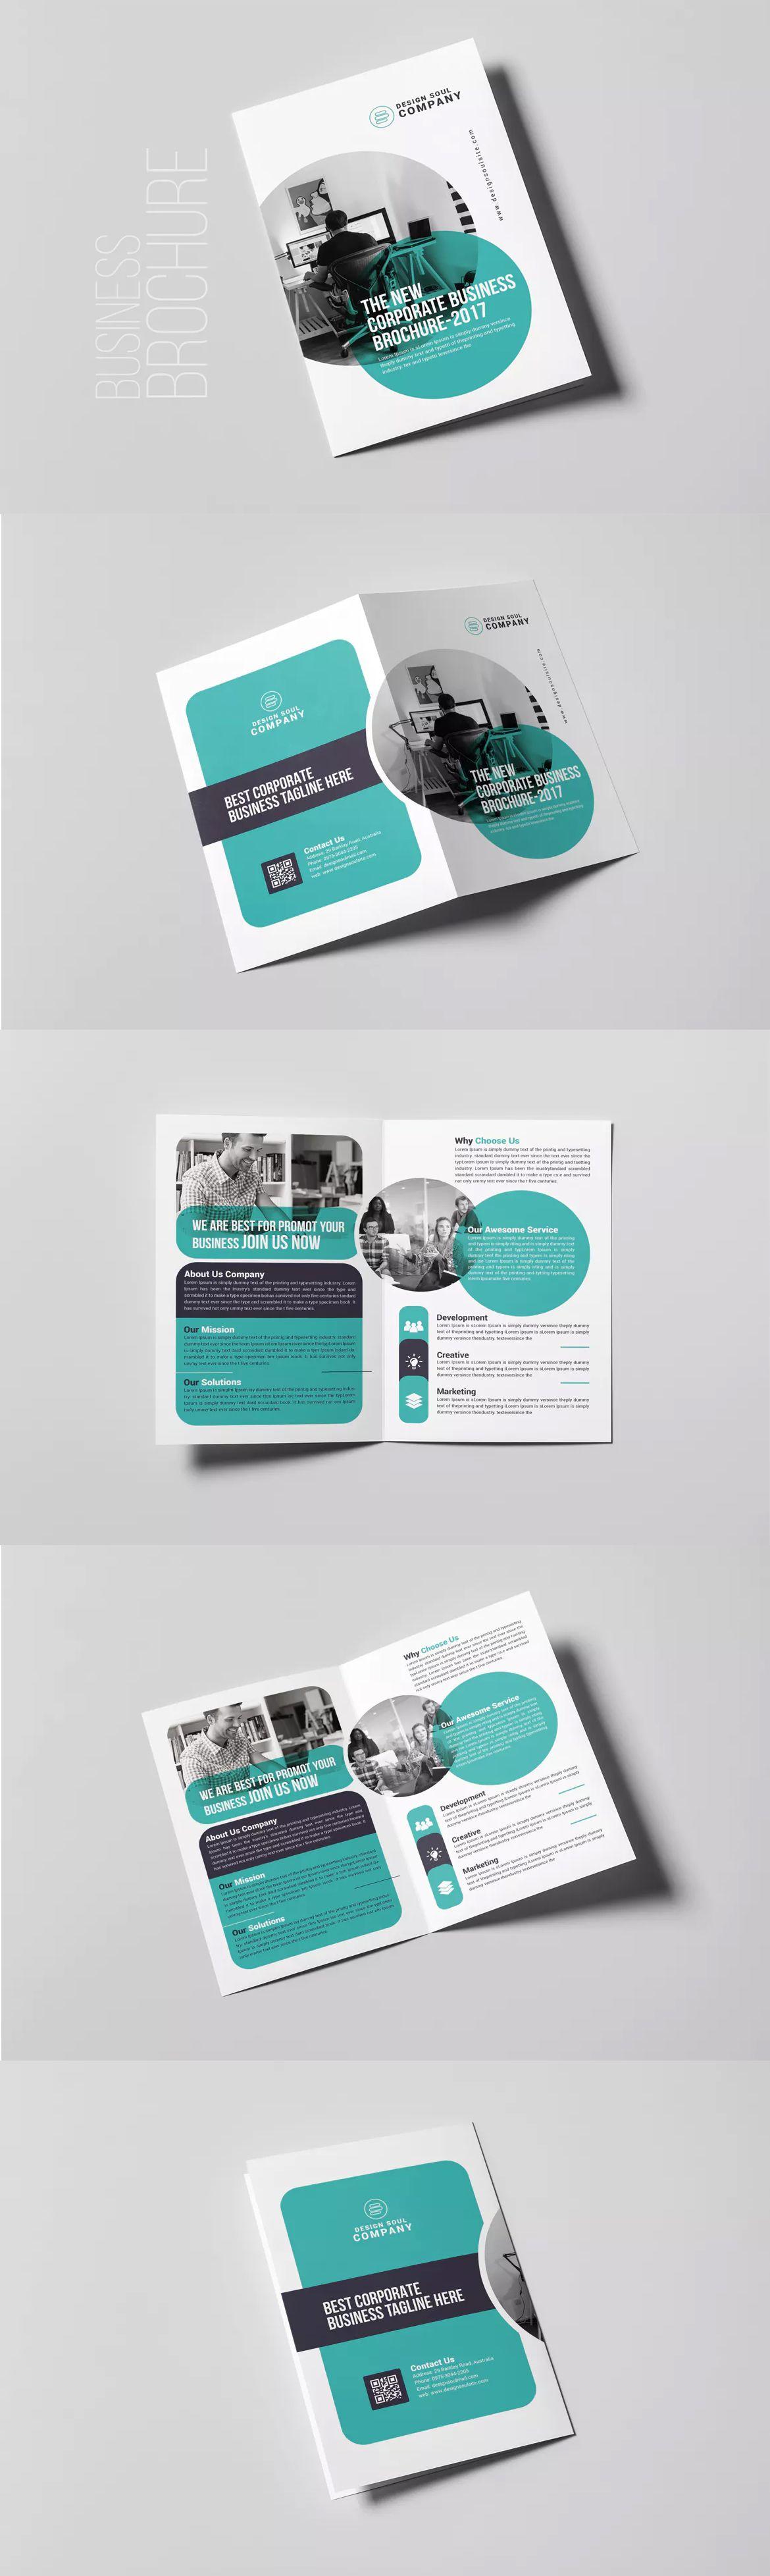 Bifold Brochure Template PSD | Corporate | Pinterest | Broschüren ...